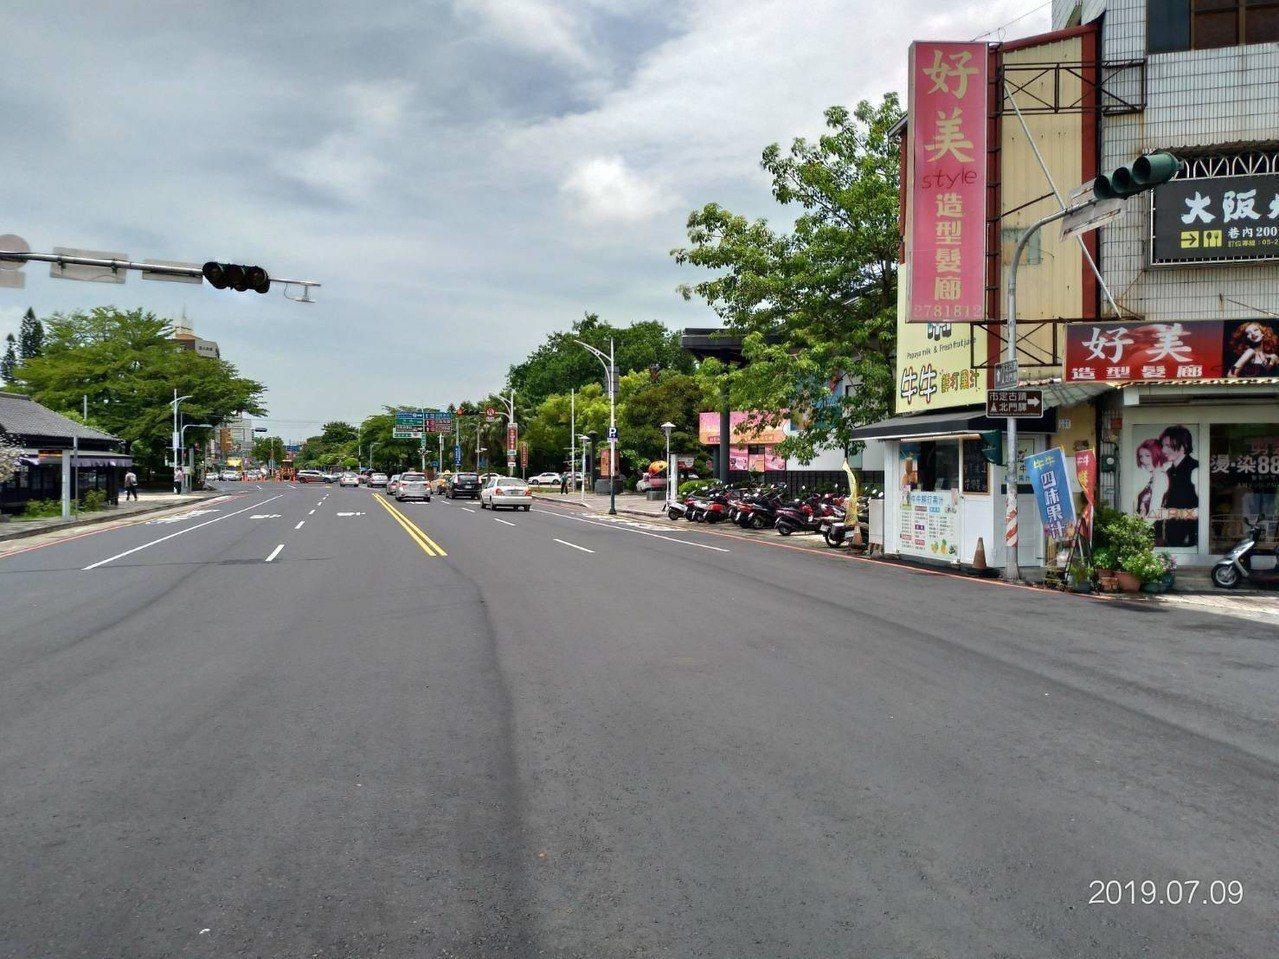 嘉義市府最近執行道路改善工程,希望人孔蓋下地,讓道路鋪得更平整。照/嘉義市府提供